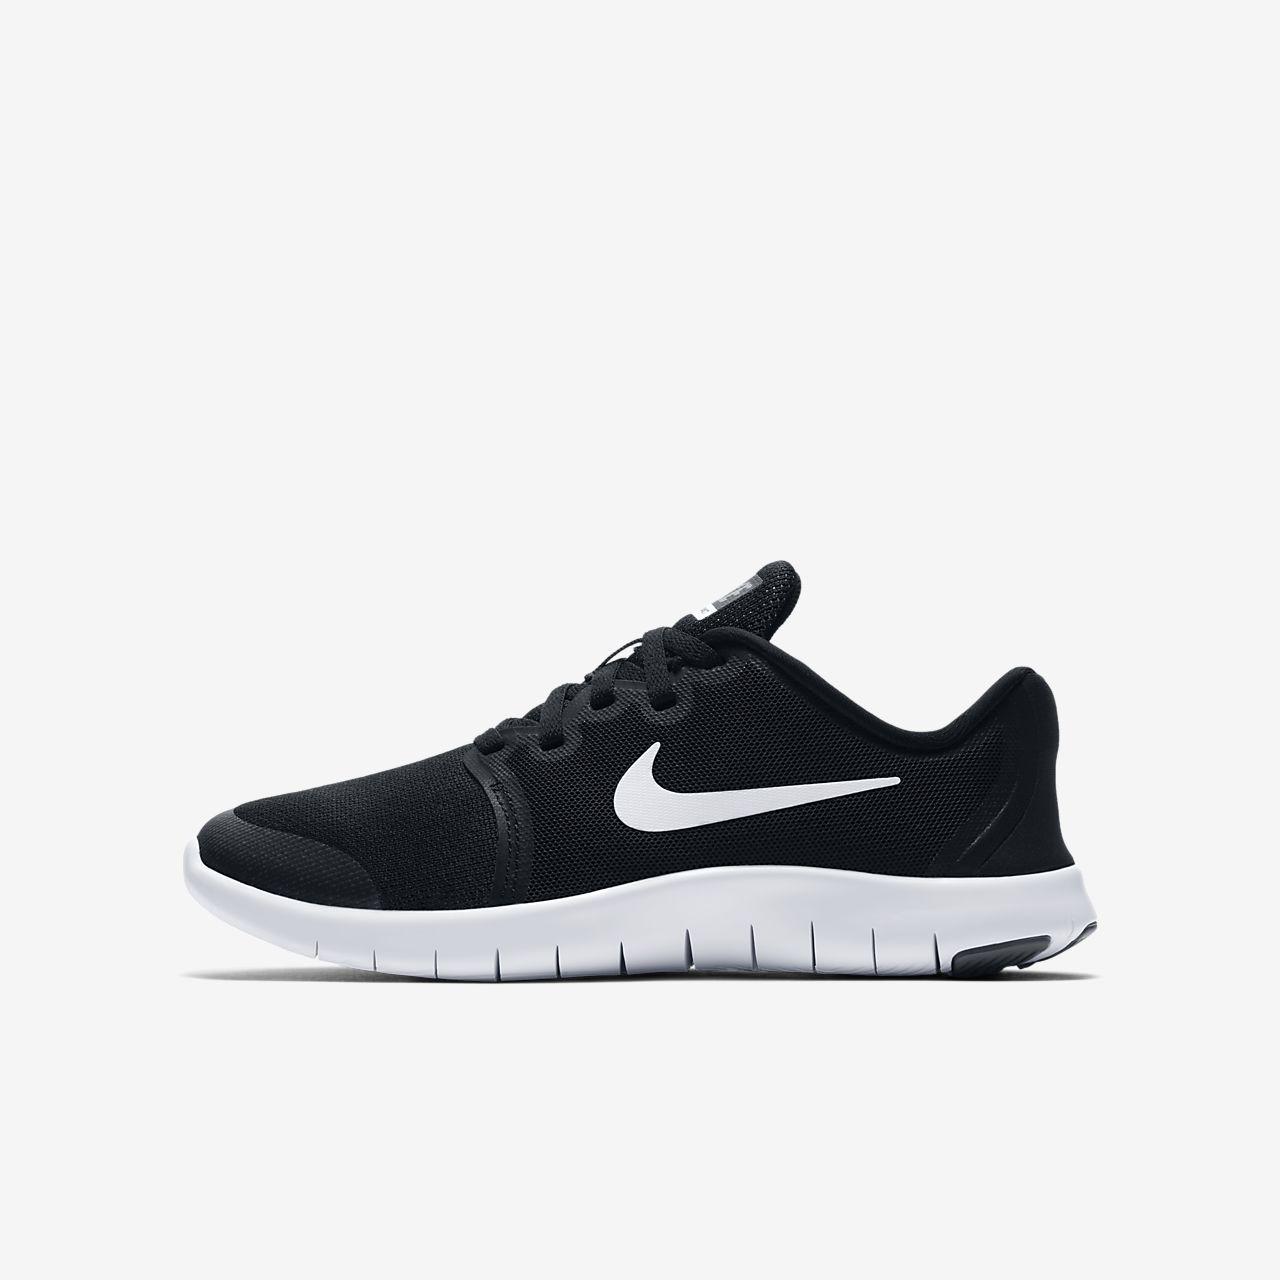 4d66768ded77 Chaussure de running Nike Flex Contact 2 pour Enfant plus âgé. Nike ...